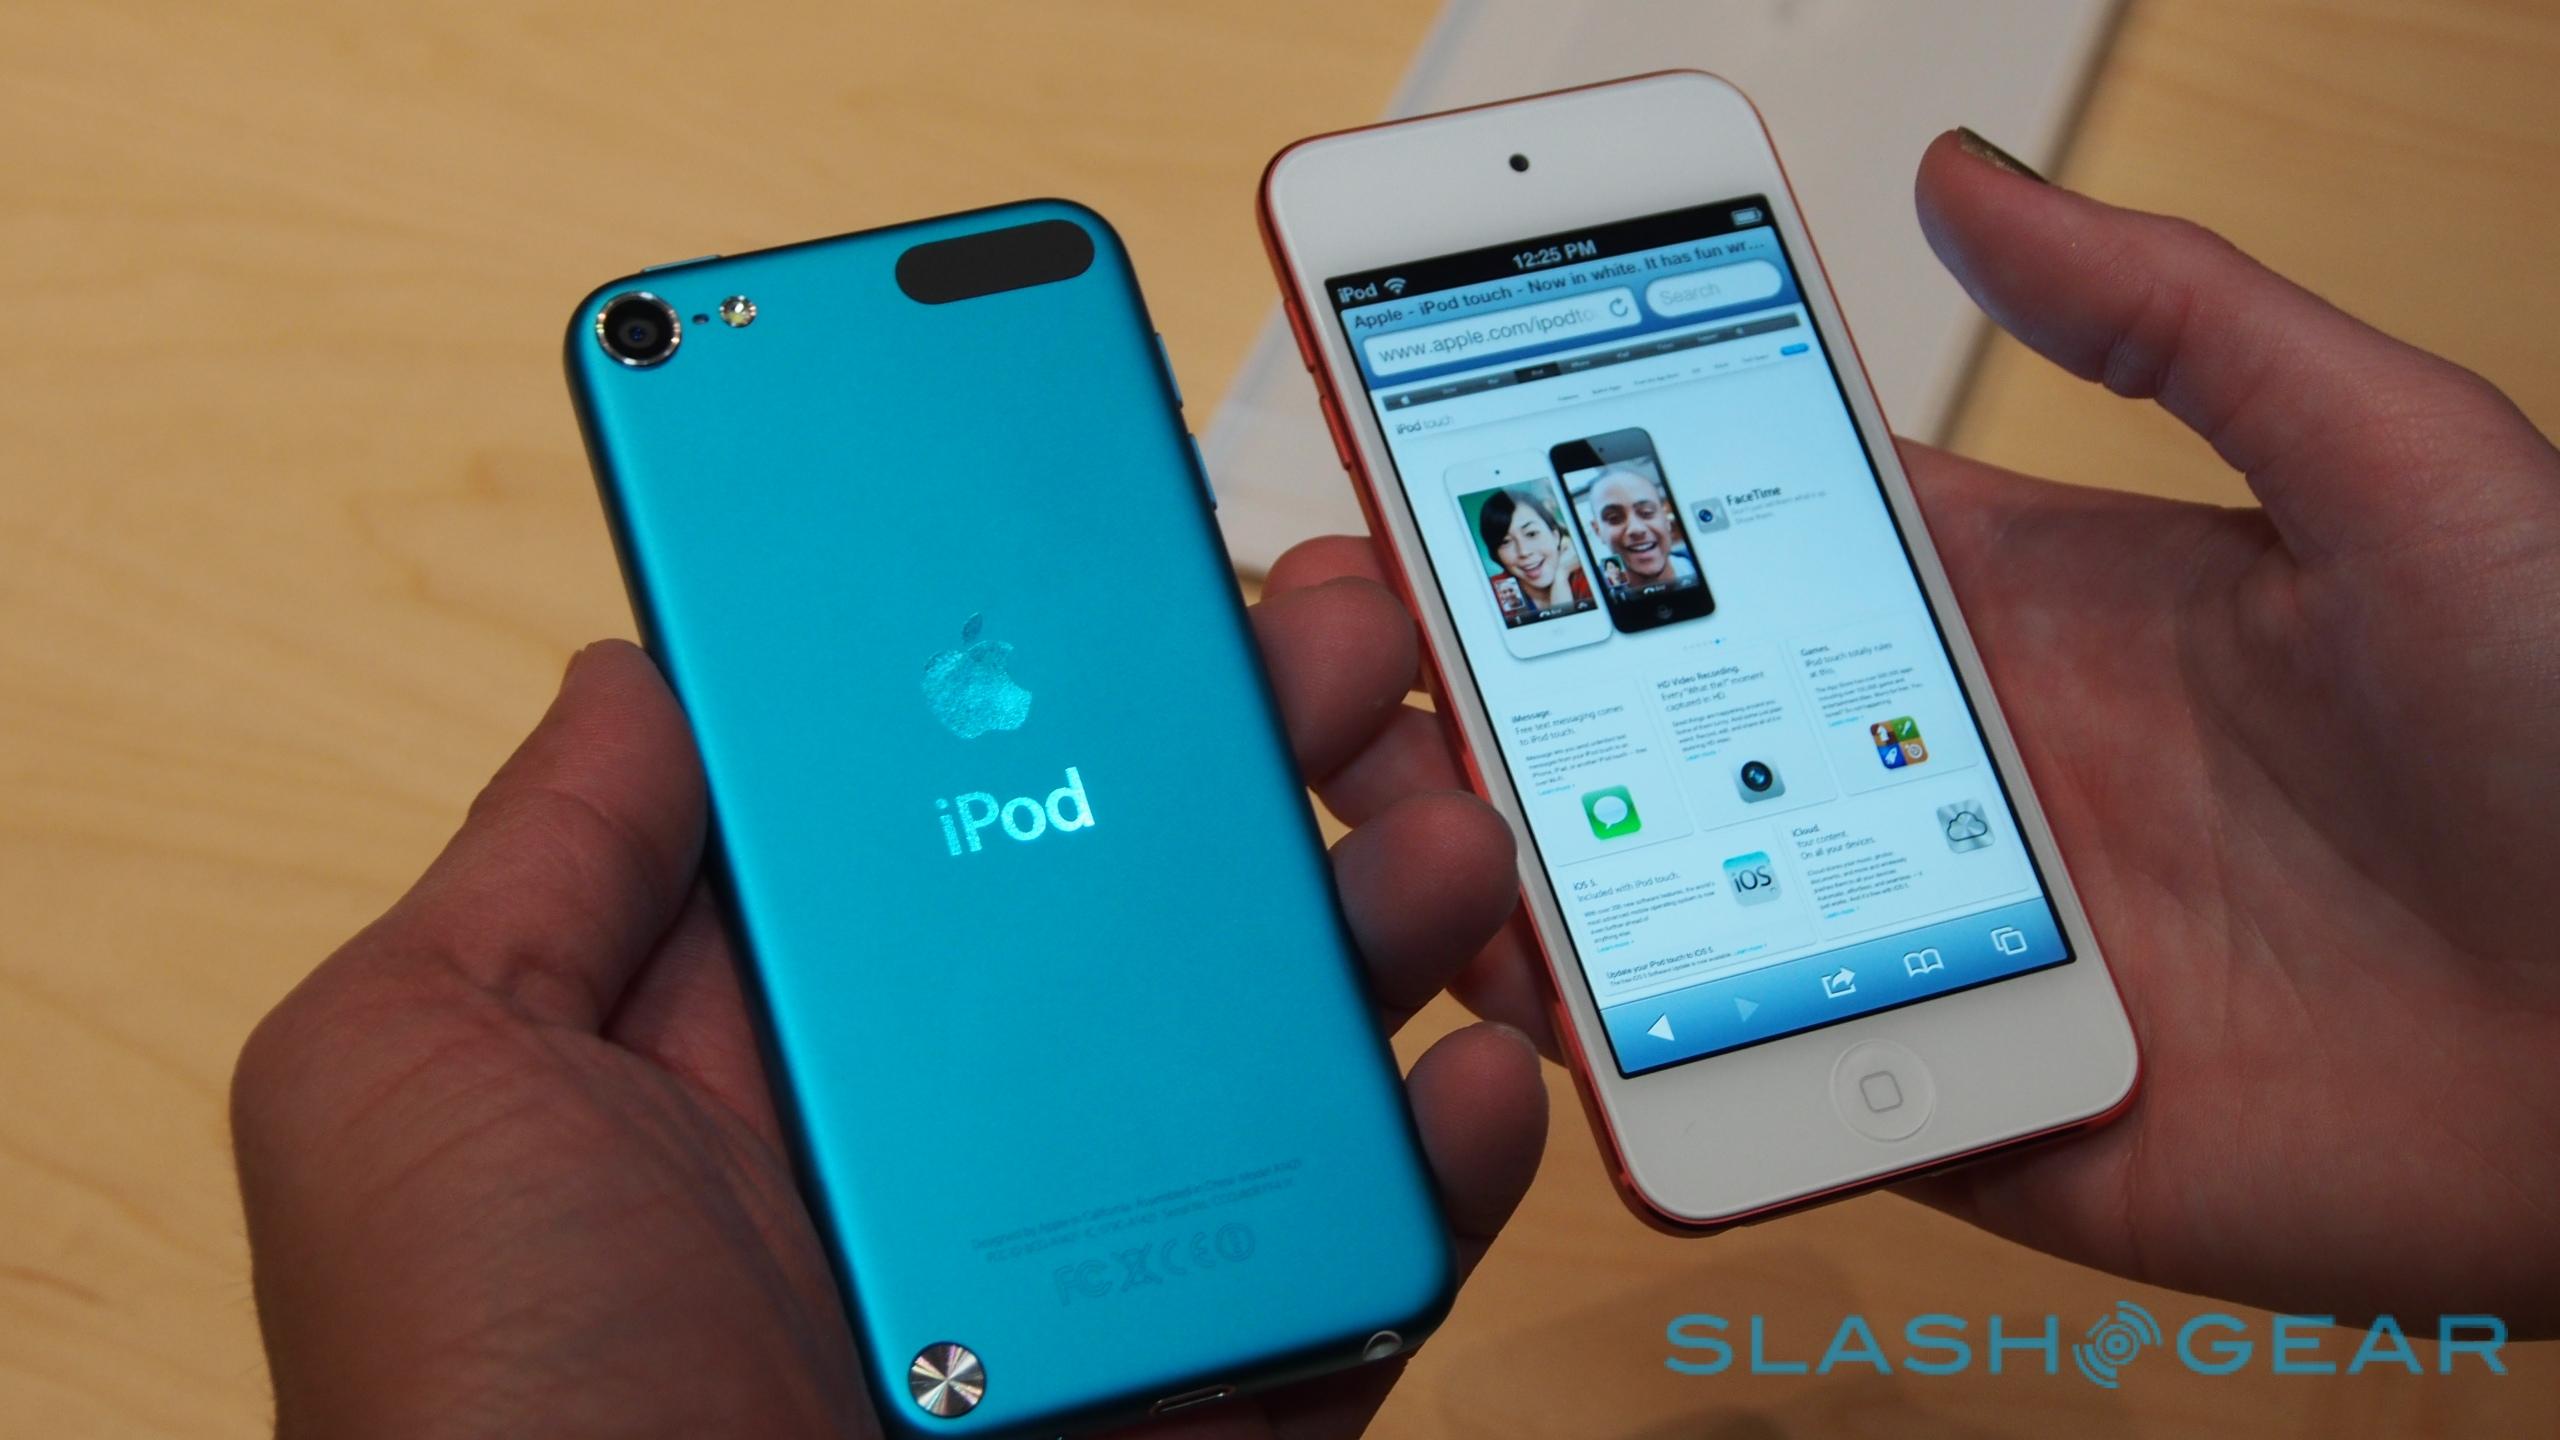 Nový iPod touch a iPod nano v ruce (video)